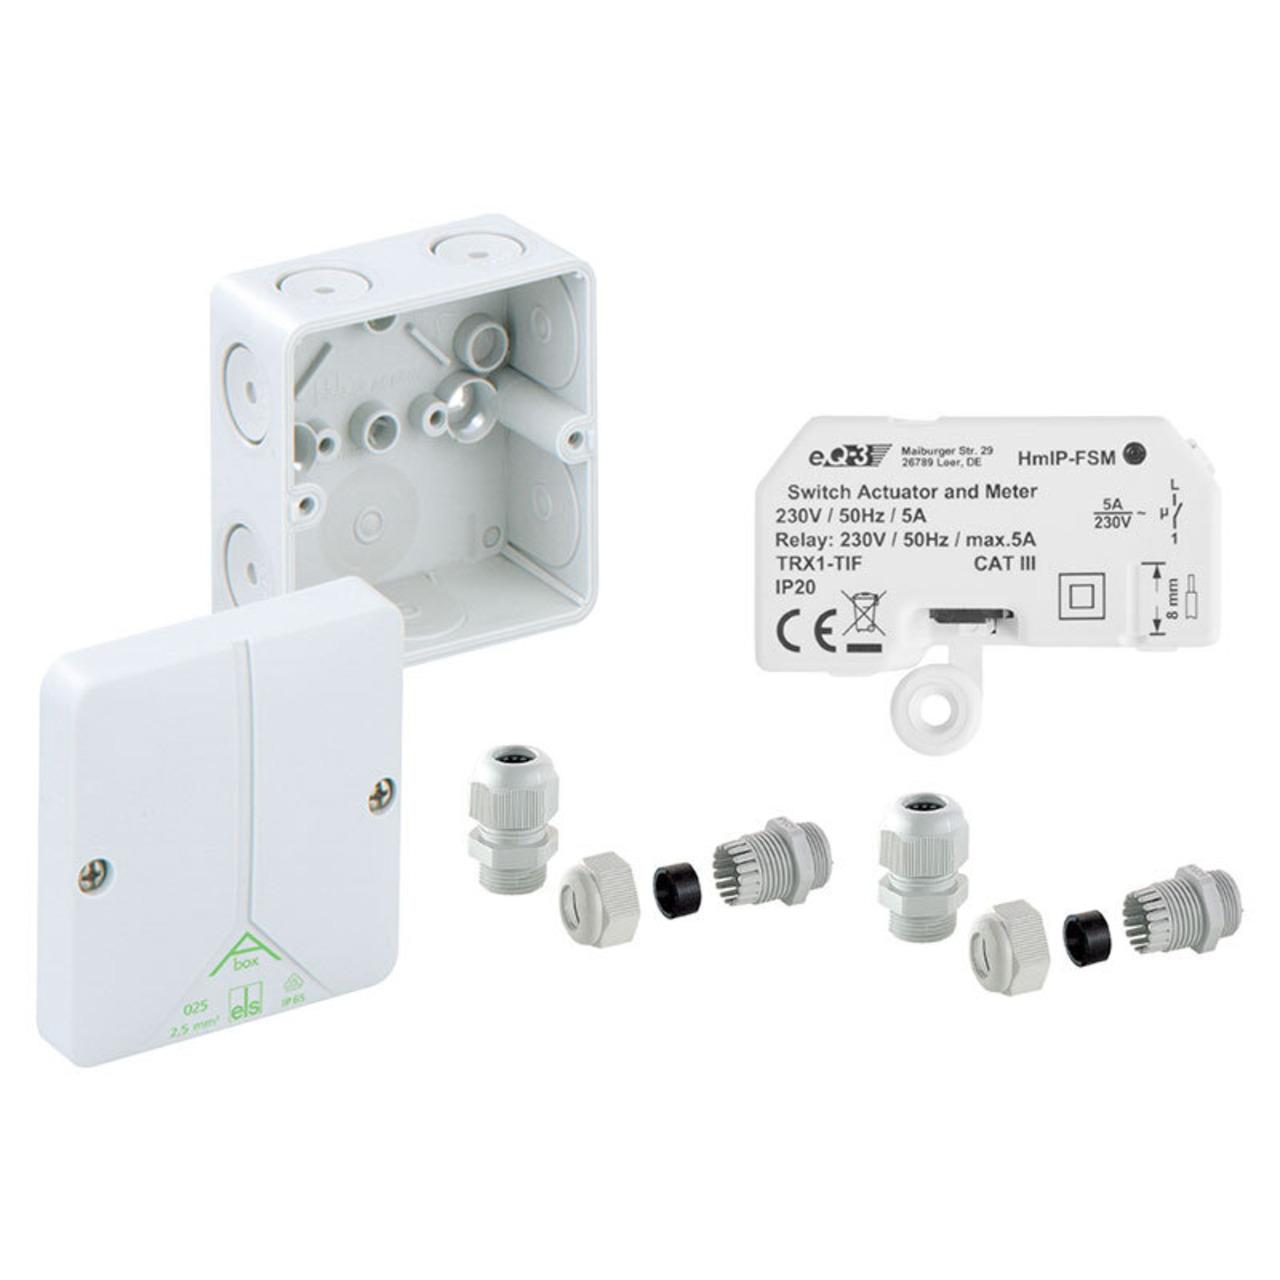 Homematic IP Smart Home Schalt-Mess-Aktor HmIP-FSM für den Aussenbereich inkl. Verteilerdose ABOX